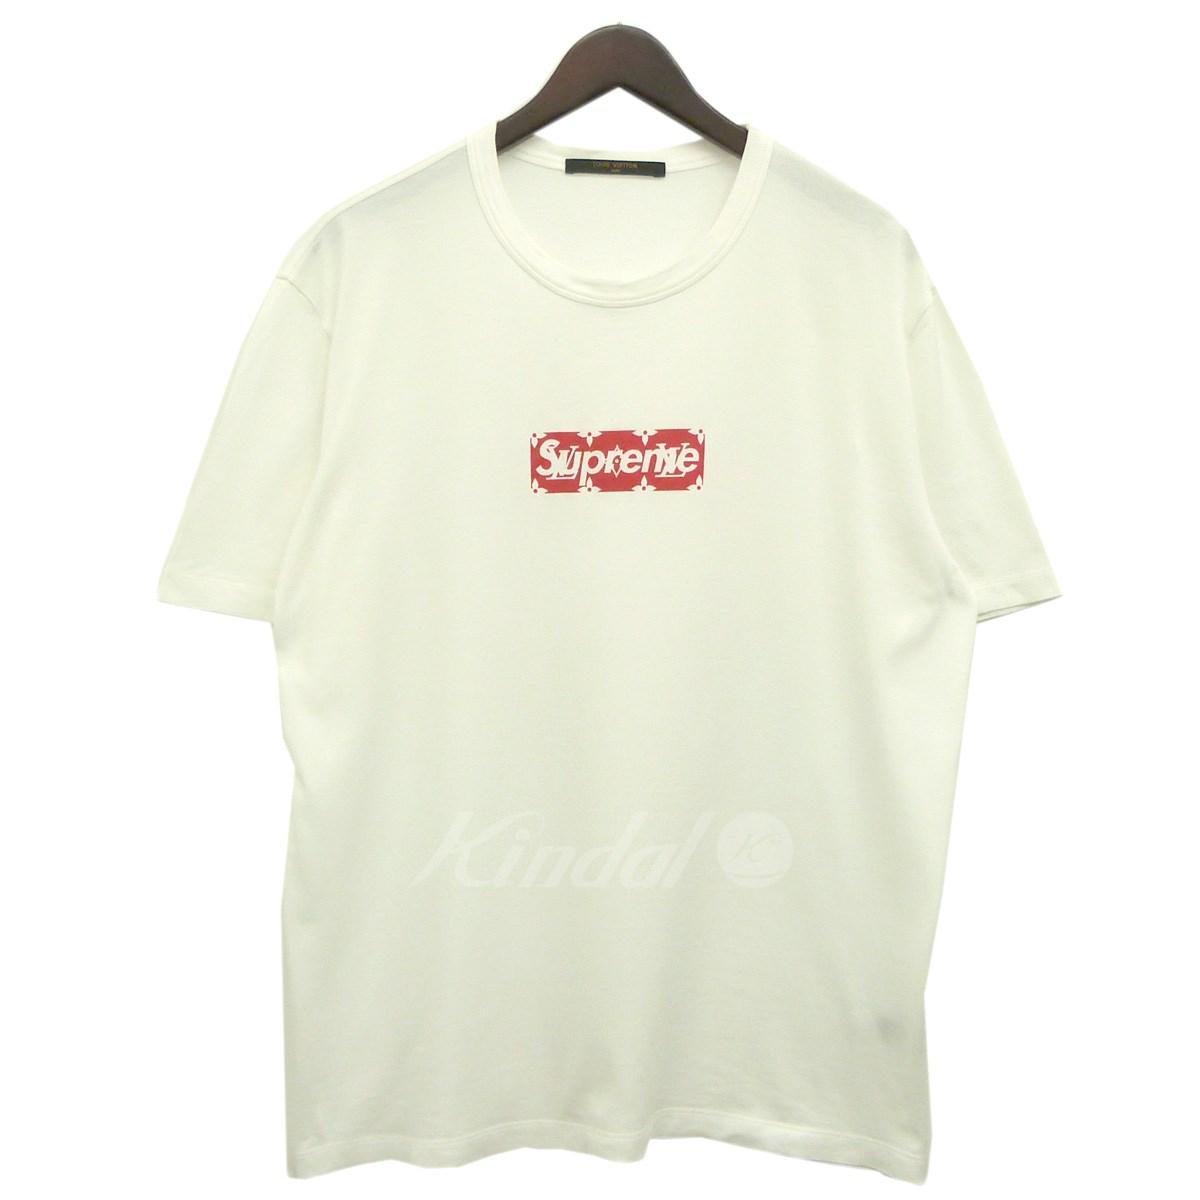 【中古】Supreme x LOUIS VUITTON 17AW「Box Logo Tee」モノグラムボックスロゴTシャツ ホワイト サイズ:L 【送料無料】 【171018】(シュプリーム ルイヴィトン)